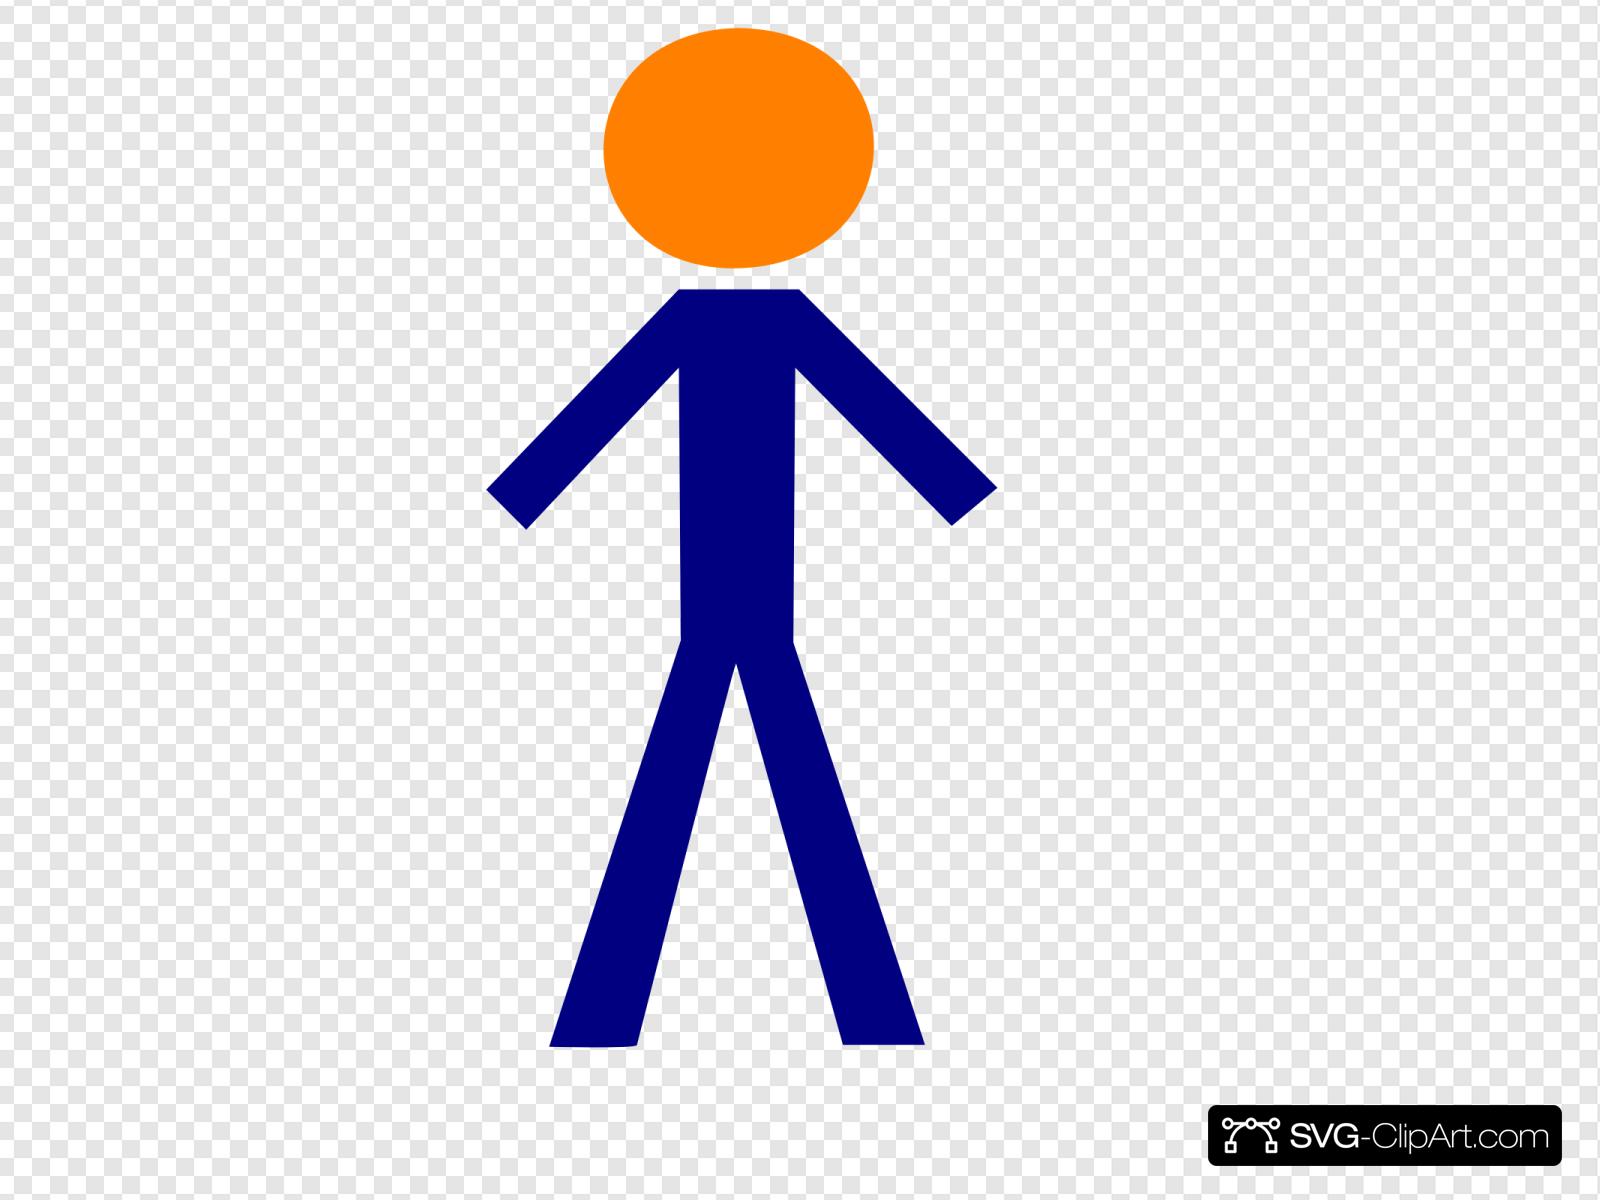 Orange Blue Person Clip art, Icon and SVG.